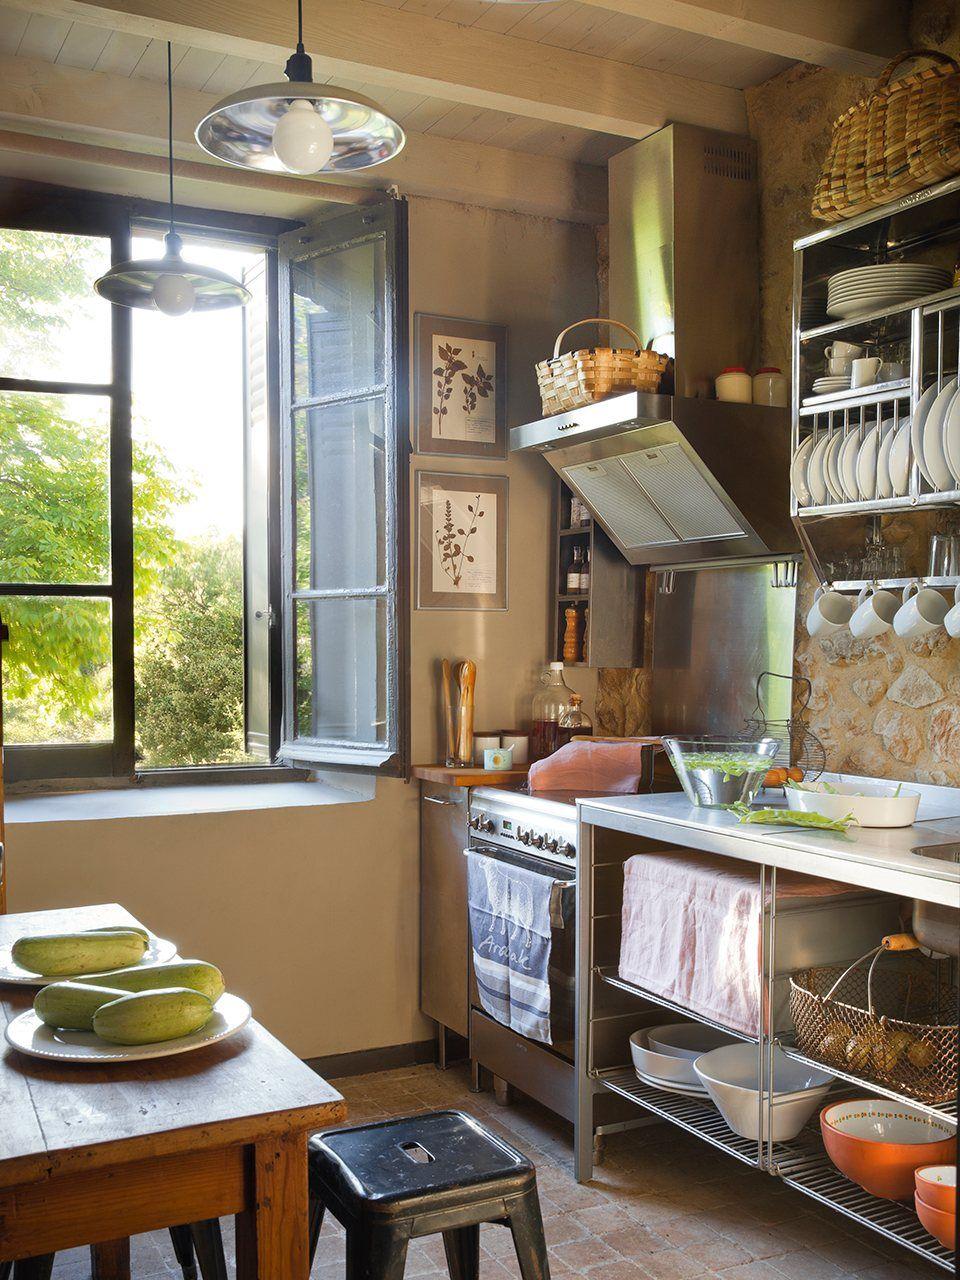 Cocina Mobiliario de acero inoxidable, de Ikea. Mesa, de La Brocante ...